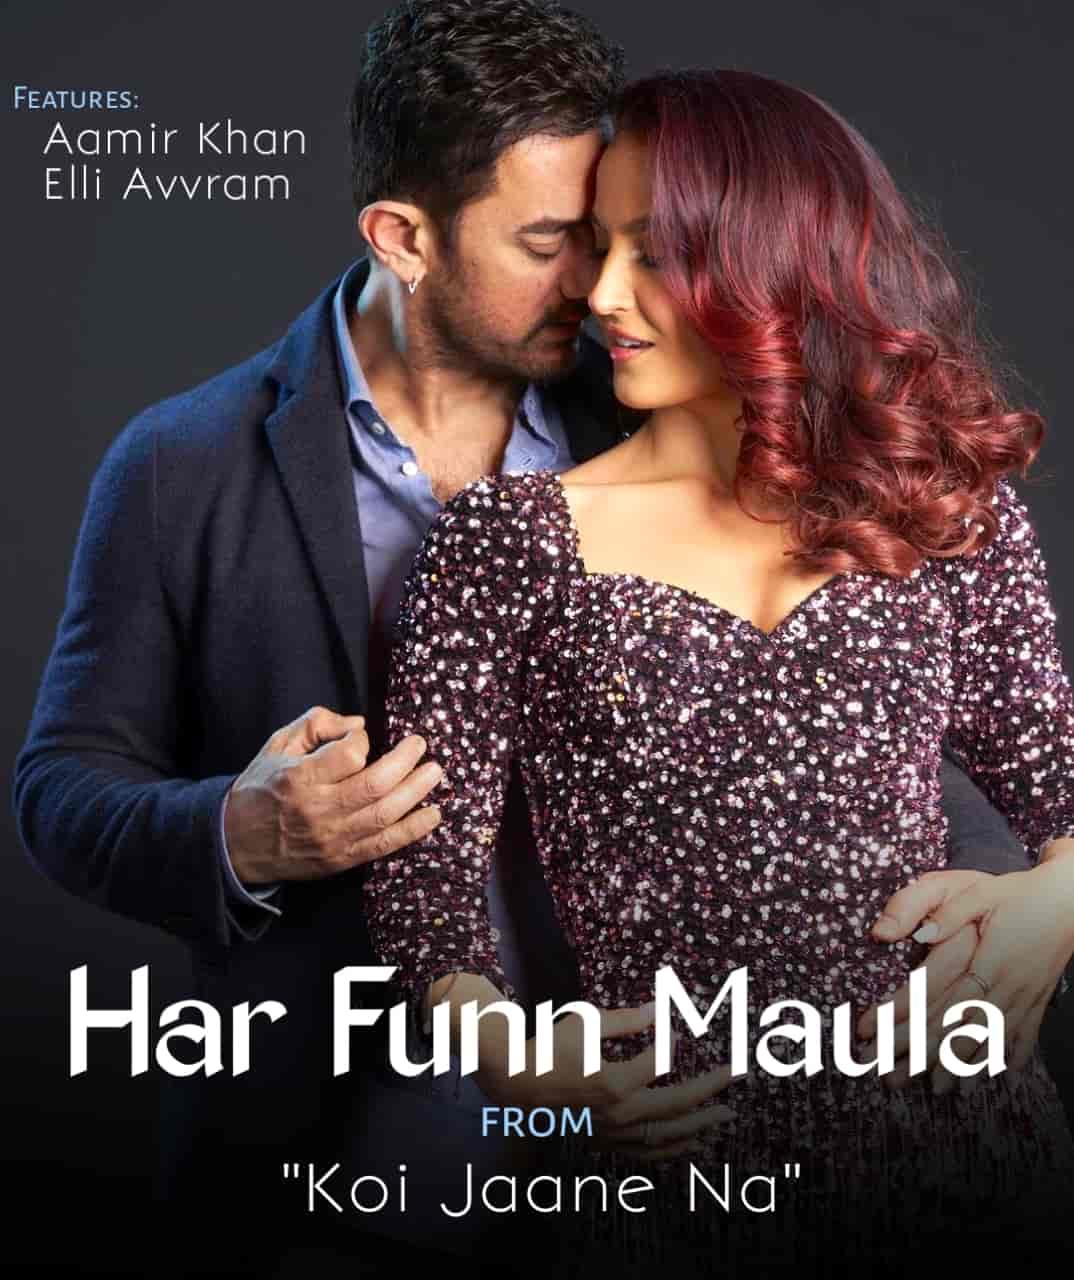 Har Funn Maula Hindi Song Lyrics Vishal Dadlani